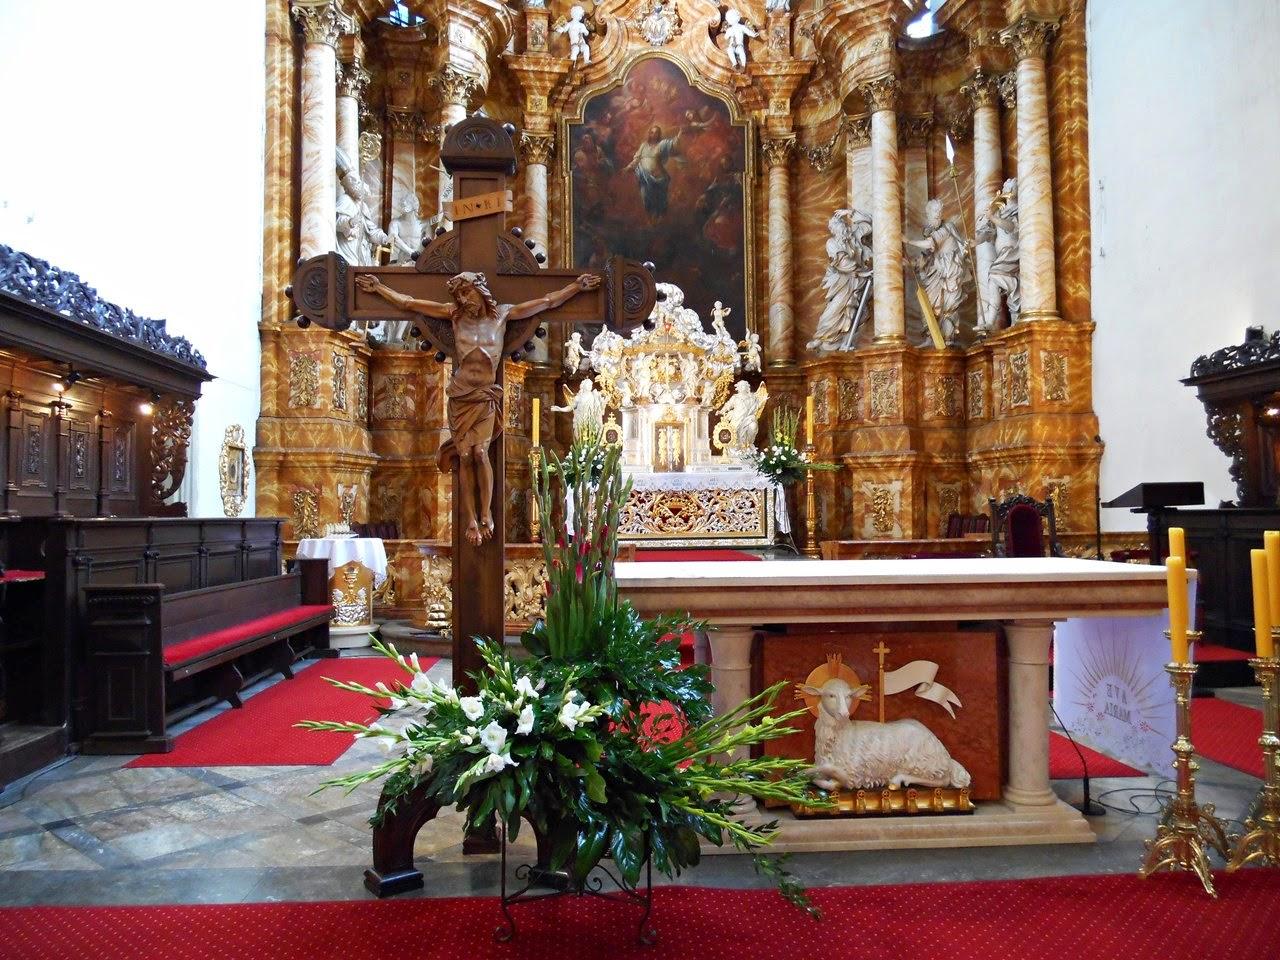 kościół w Jeleniej Górze, kwiaty, wystrój, stalle